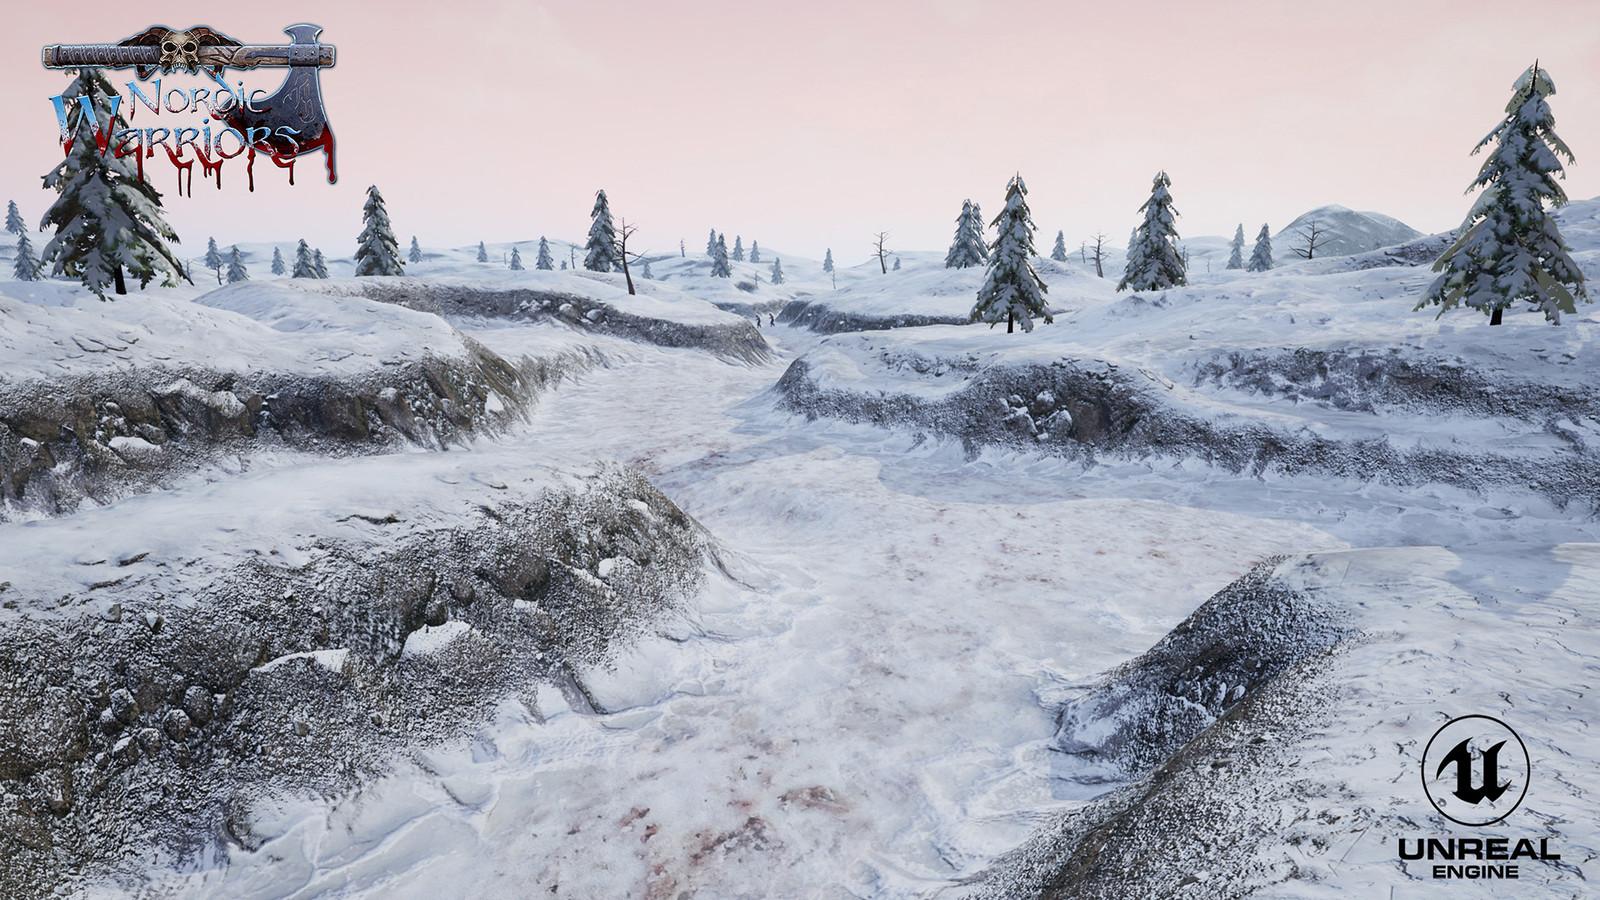 nordicwarriors | Gallery